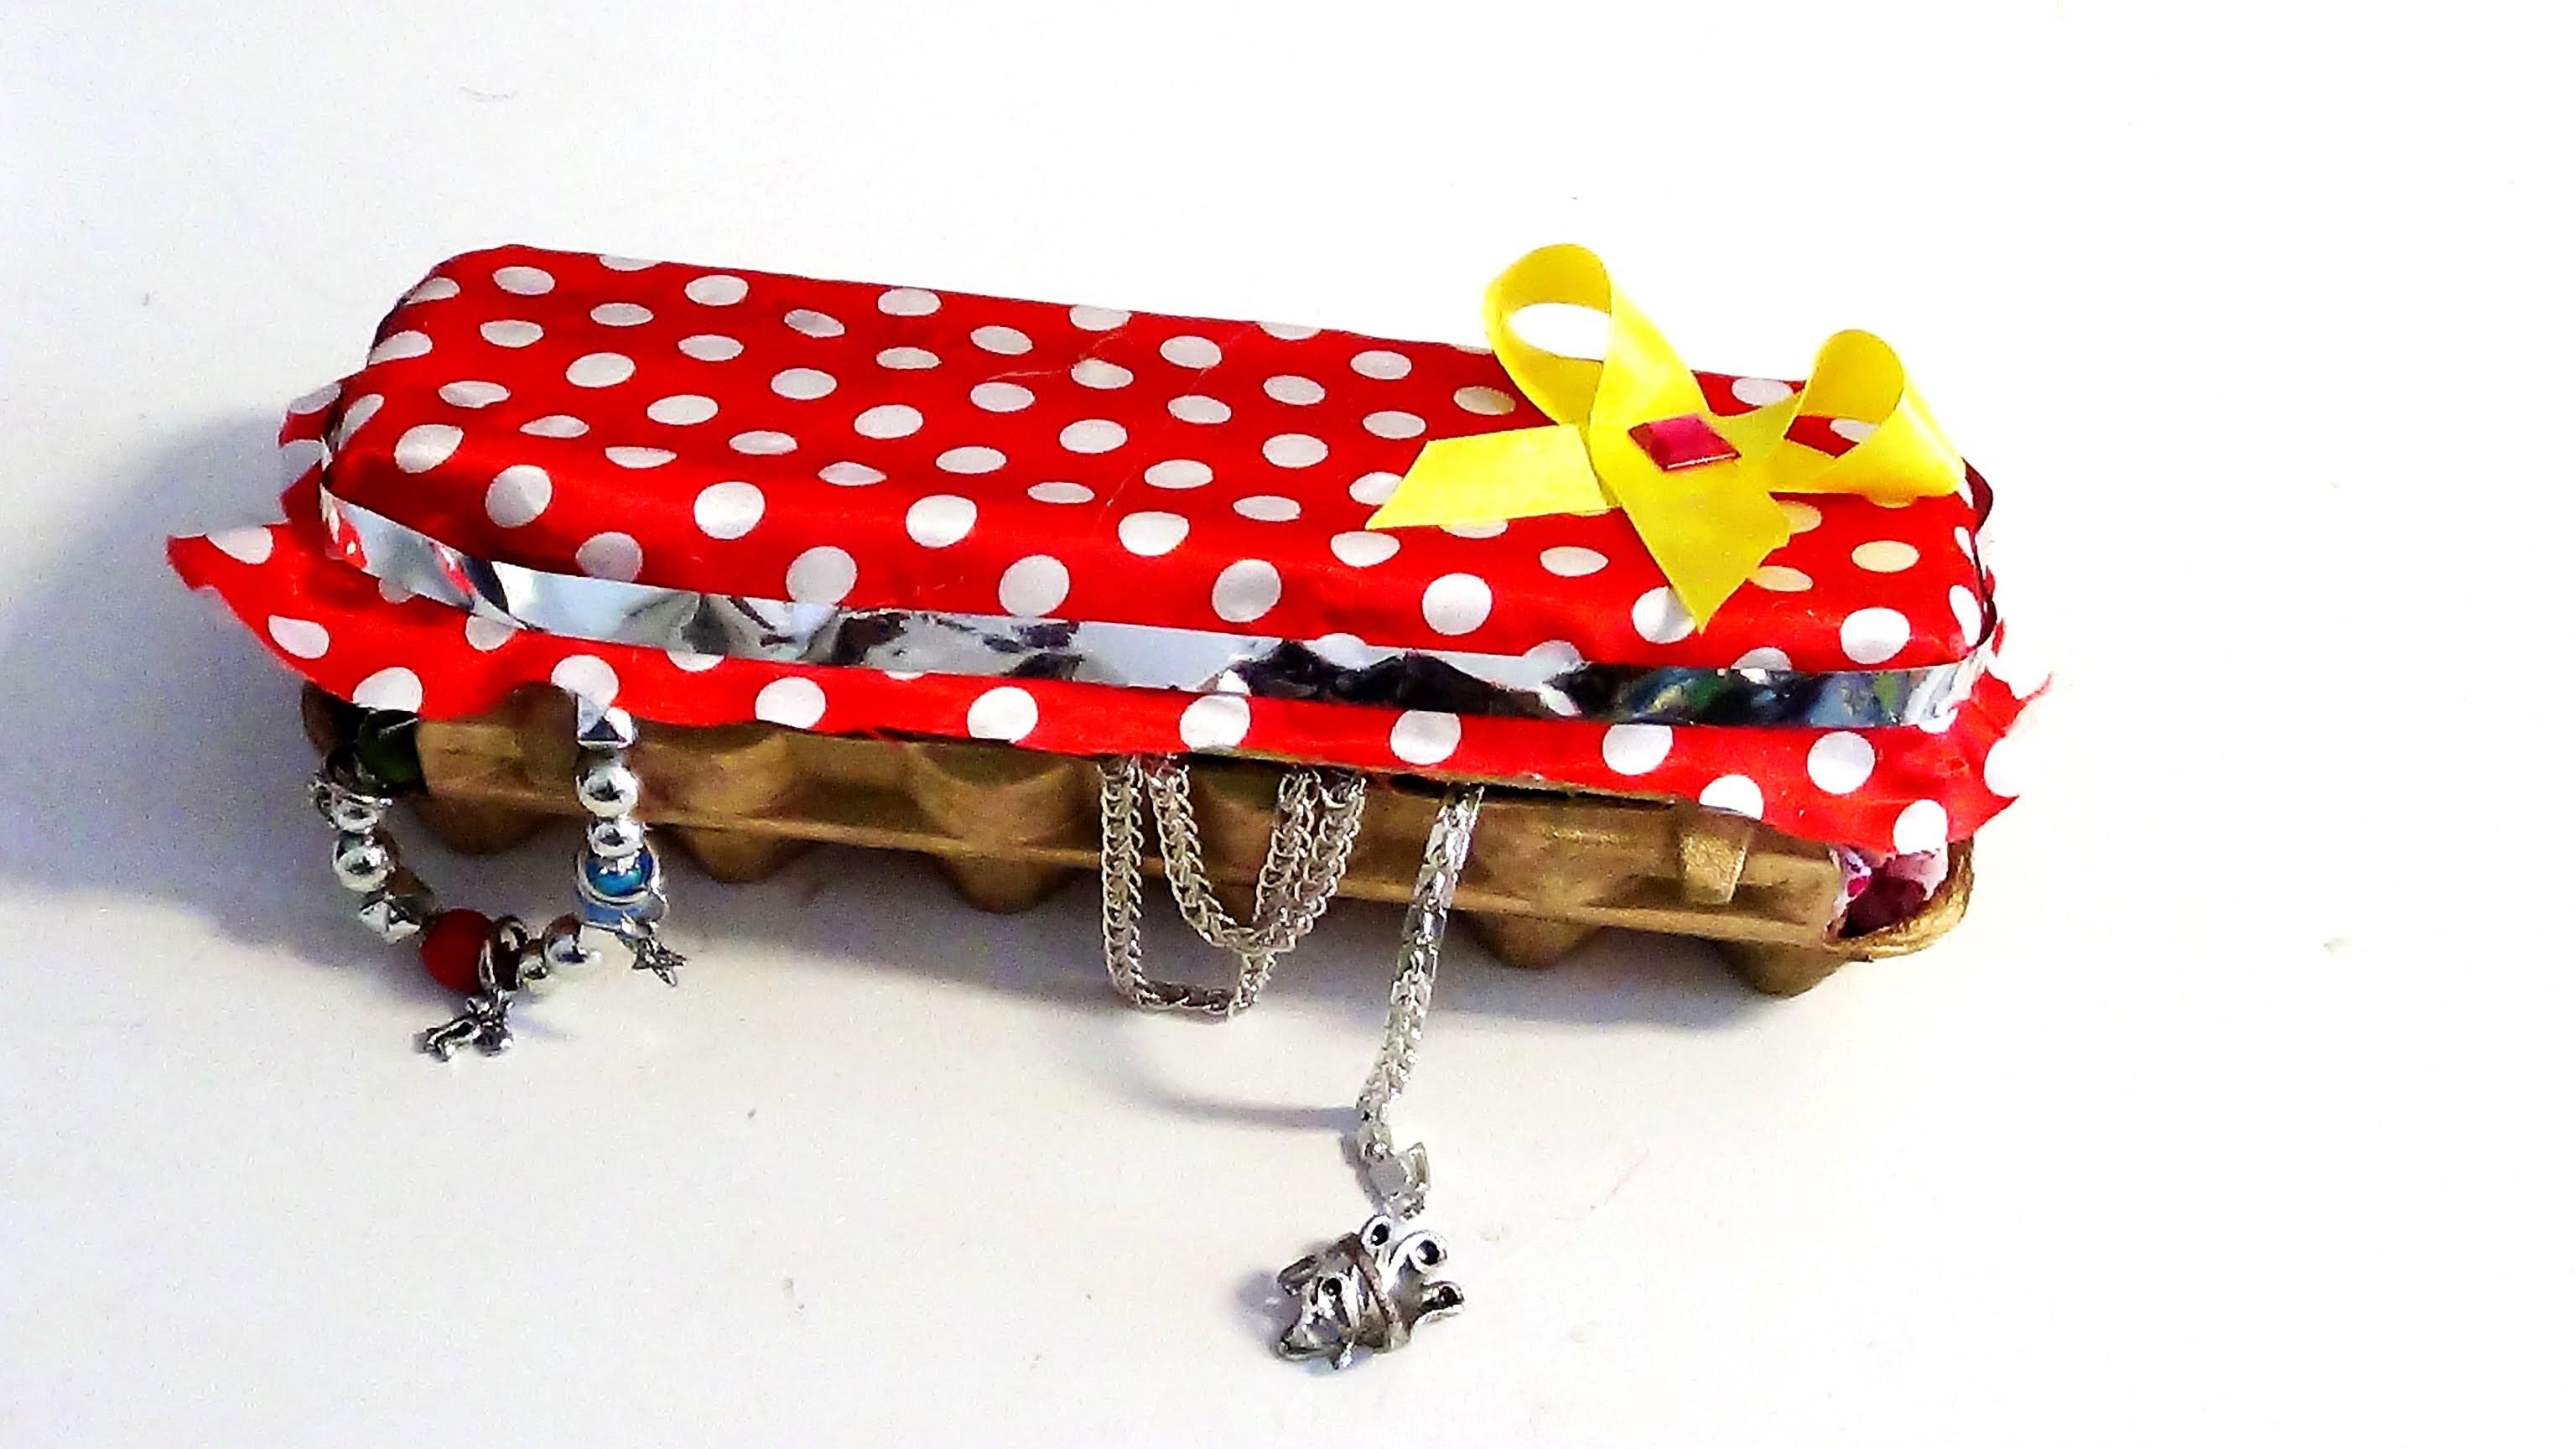 DIY saiba como fazer um lindo porta joias reciclavel  feito com caixas de ovo  nr 15